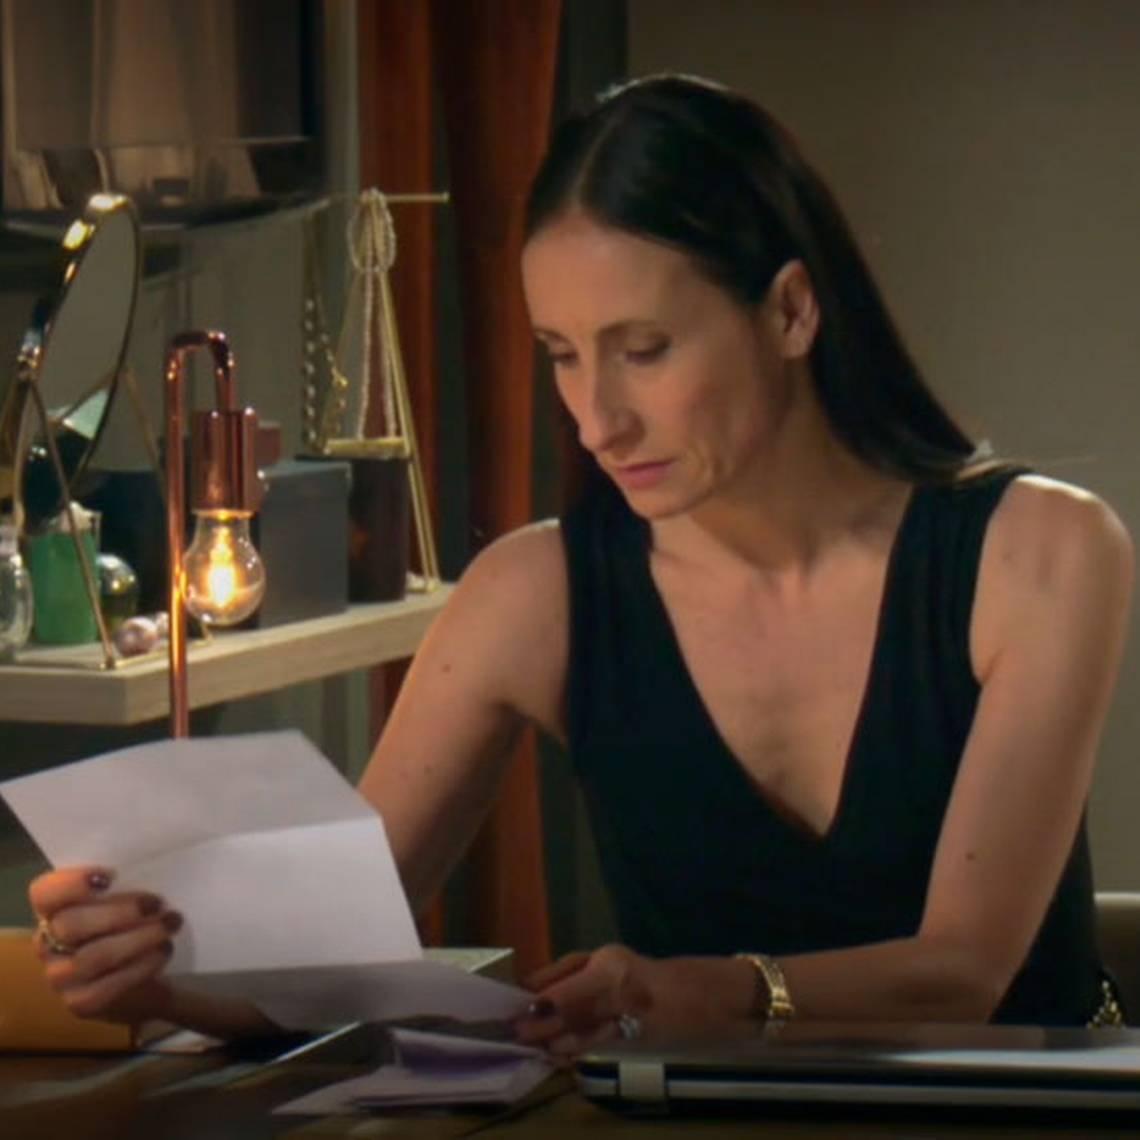 ¿Qué dice la carta de Clemente?